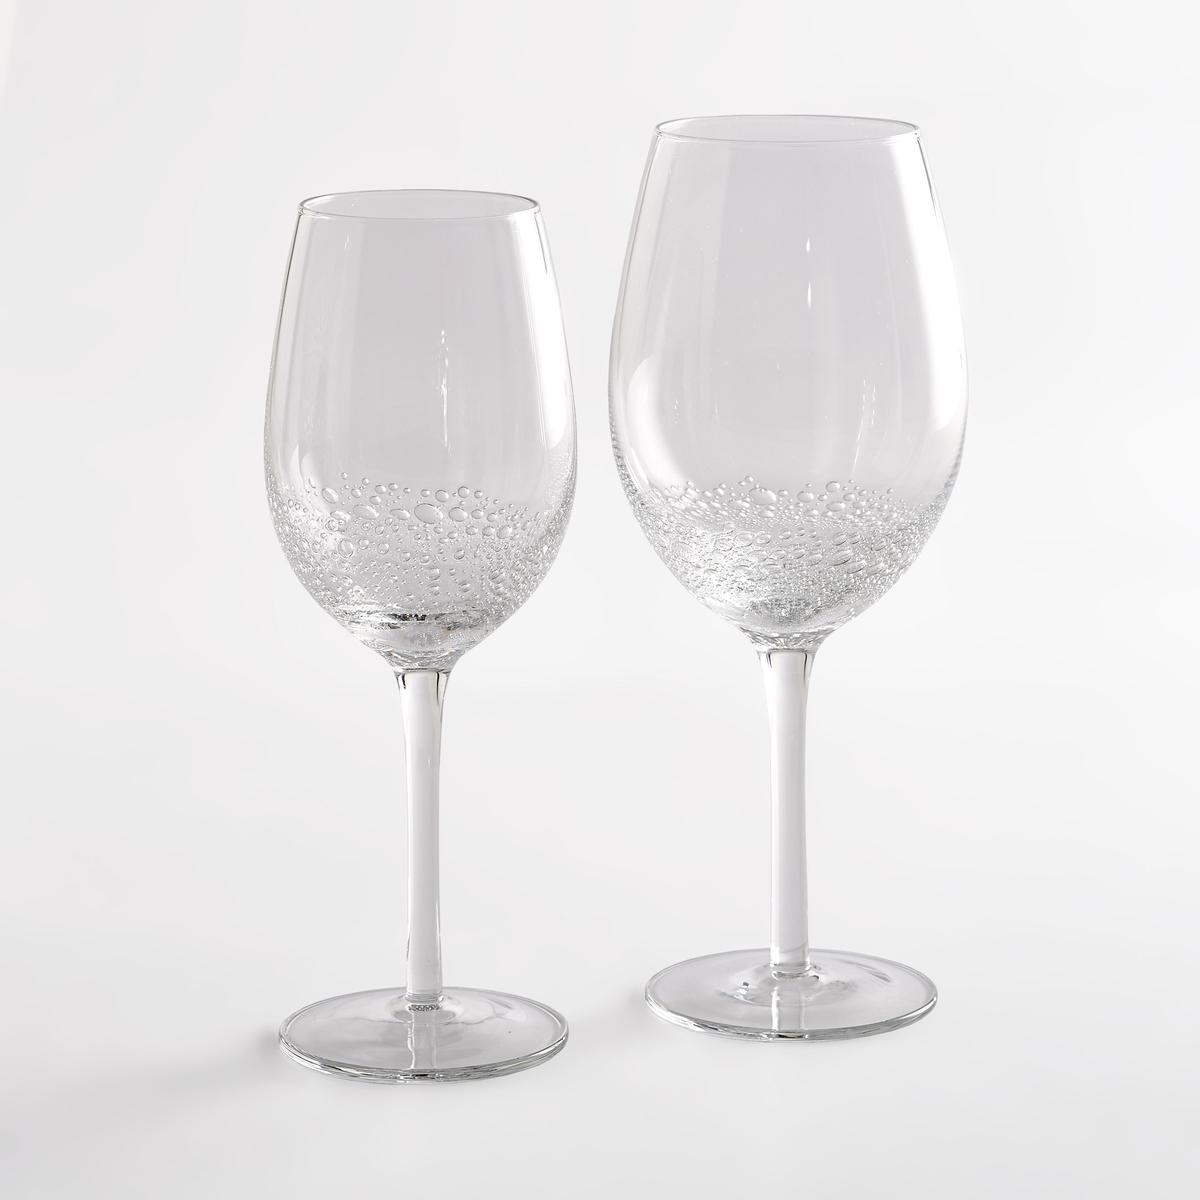 4 стакана для воды GALIOОписание:4 стакана для воды с оригинальной иллюзорной инкрустацией стеклянных шариков в дно  .Описание стаканов GALIO :Комплект из 4 стаканов для воды из инкрустацией шариков Размеры стаканов GALIO :Размеры  6,5 x 8 см Высота 23 смУход :Можно мыть в посудомоечной машинке .<br><br>Цвет: прозрачный<br>Размер: единый размер